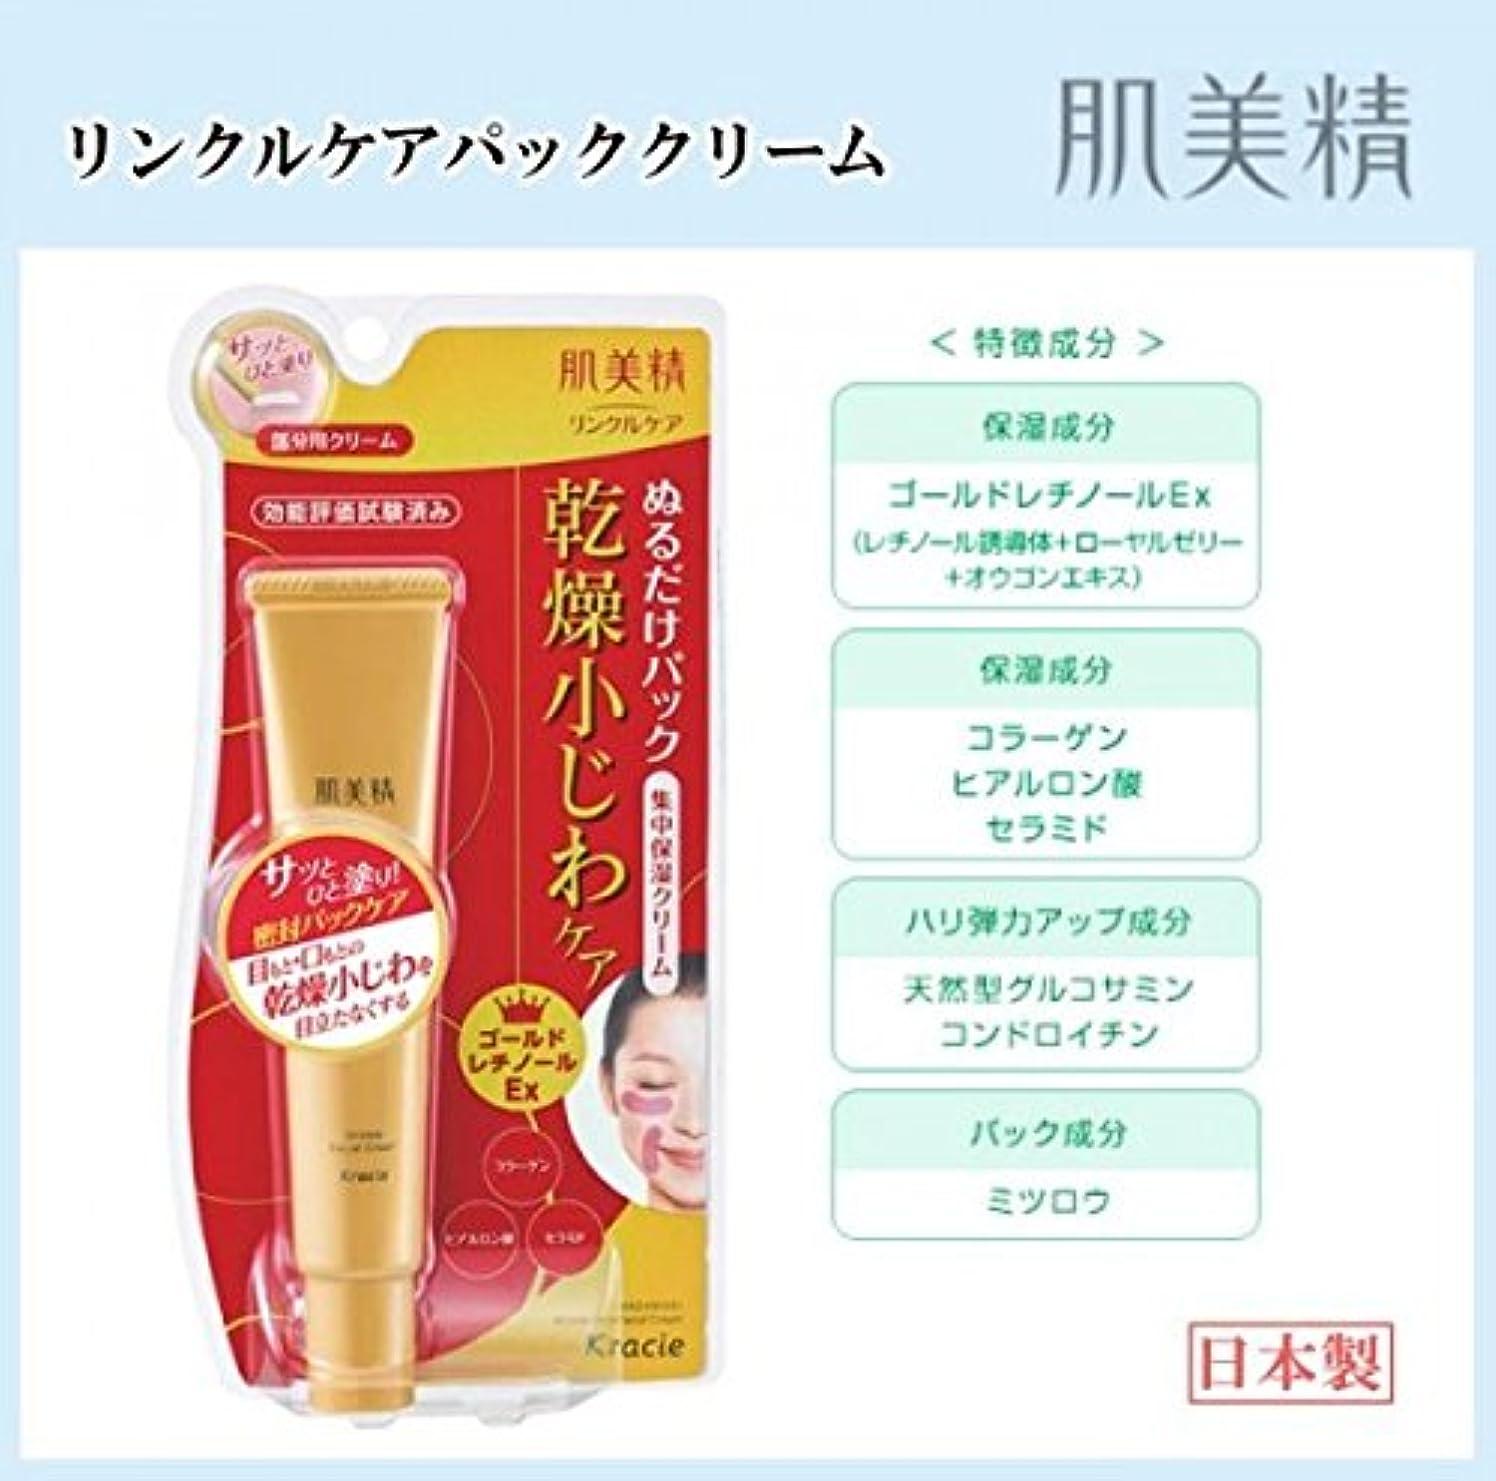 ワゴン意志に反するしつけ【クラシエ】肌美精 リフト保湿リンクルパッククリーム 30g